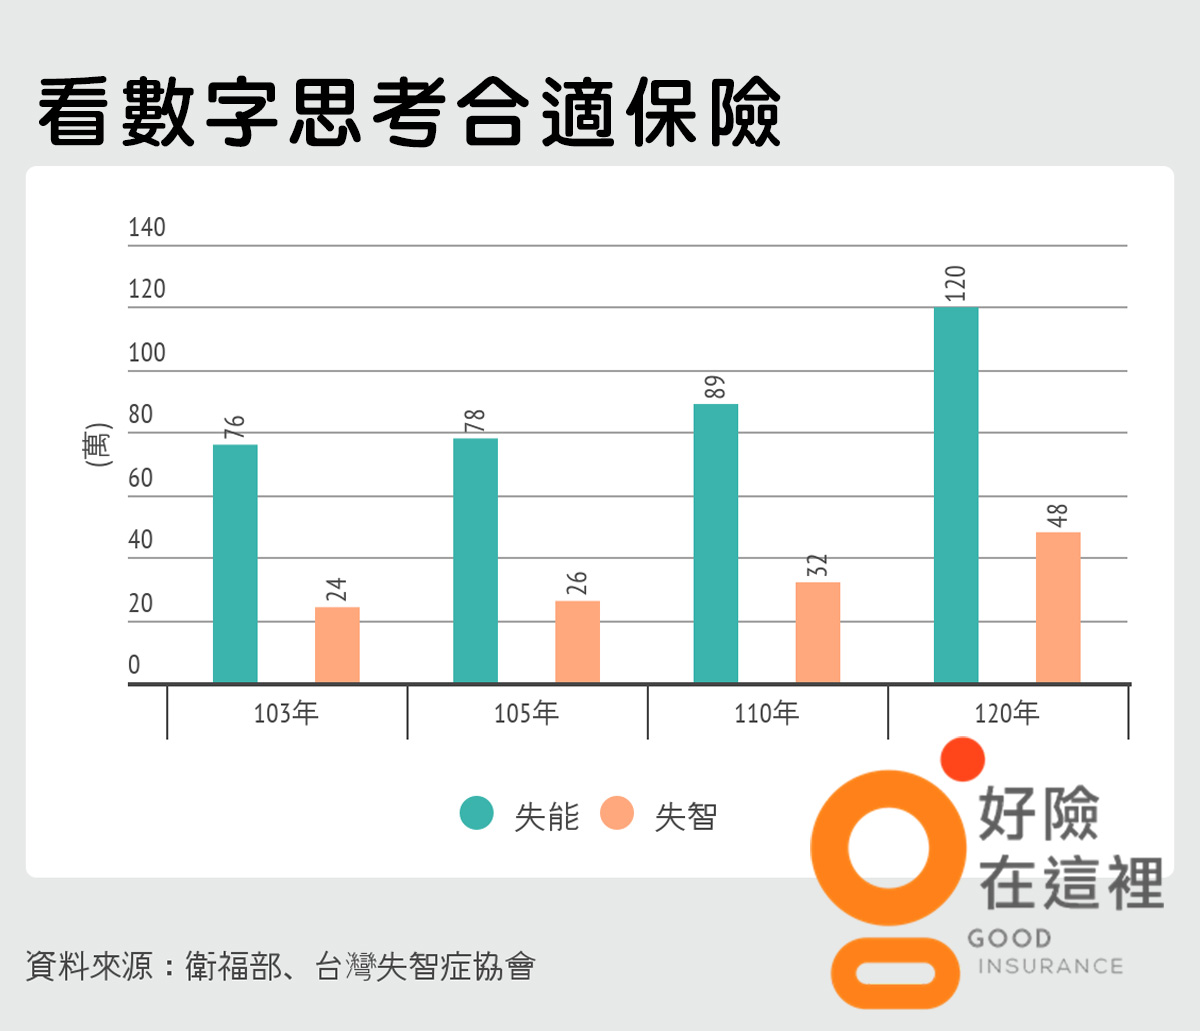 %e7%9c%8b%e6%95%b8%e5%ad%97%e6%80%9d%e8%80%8301